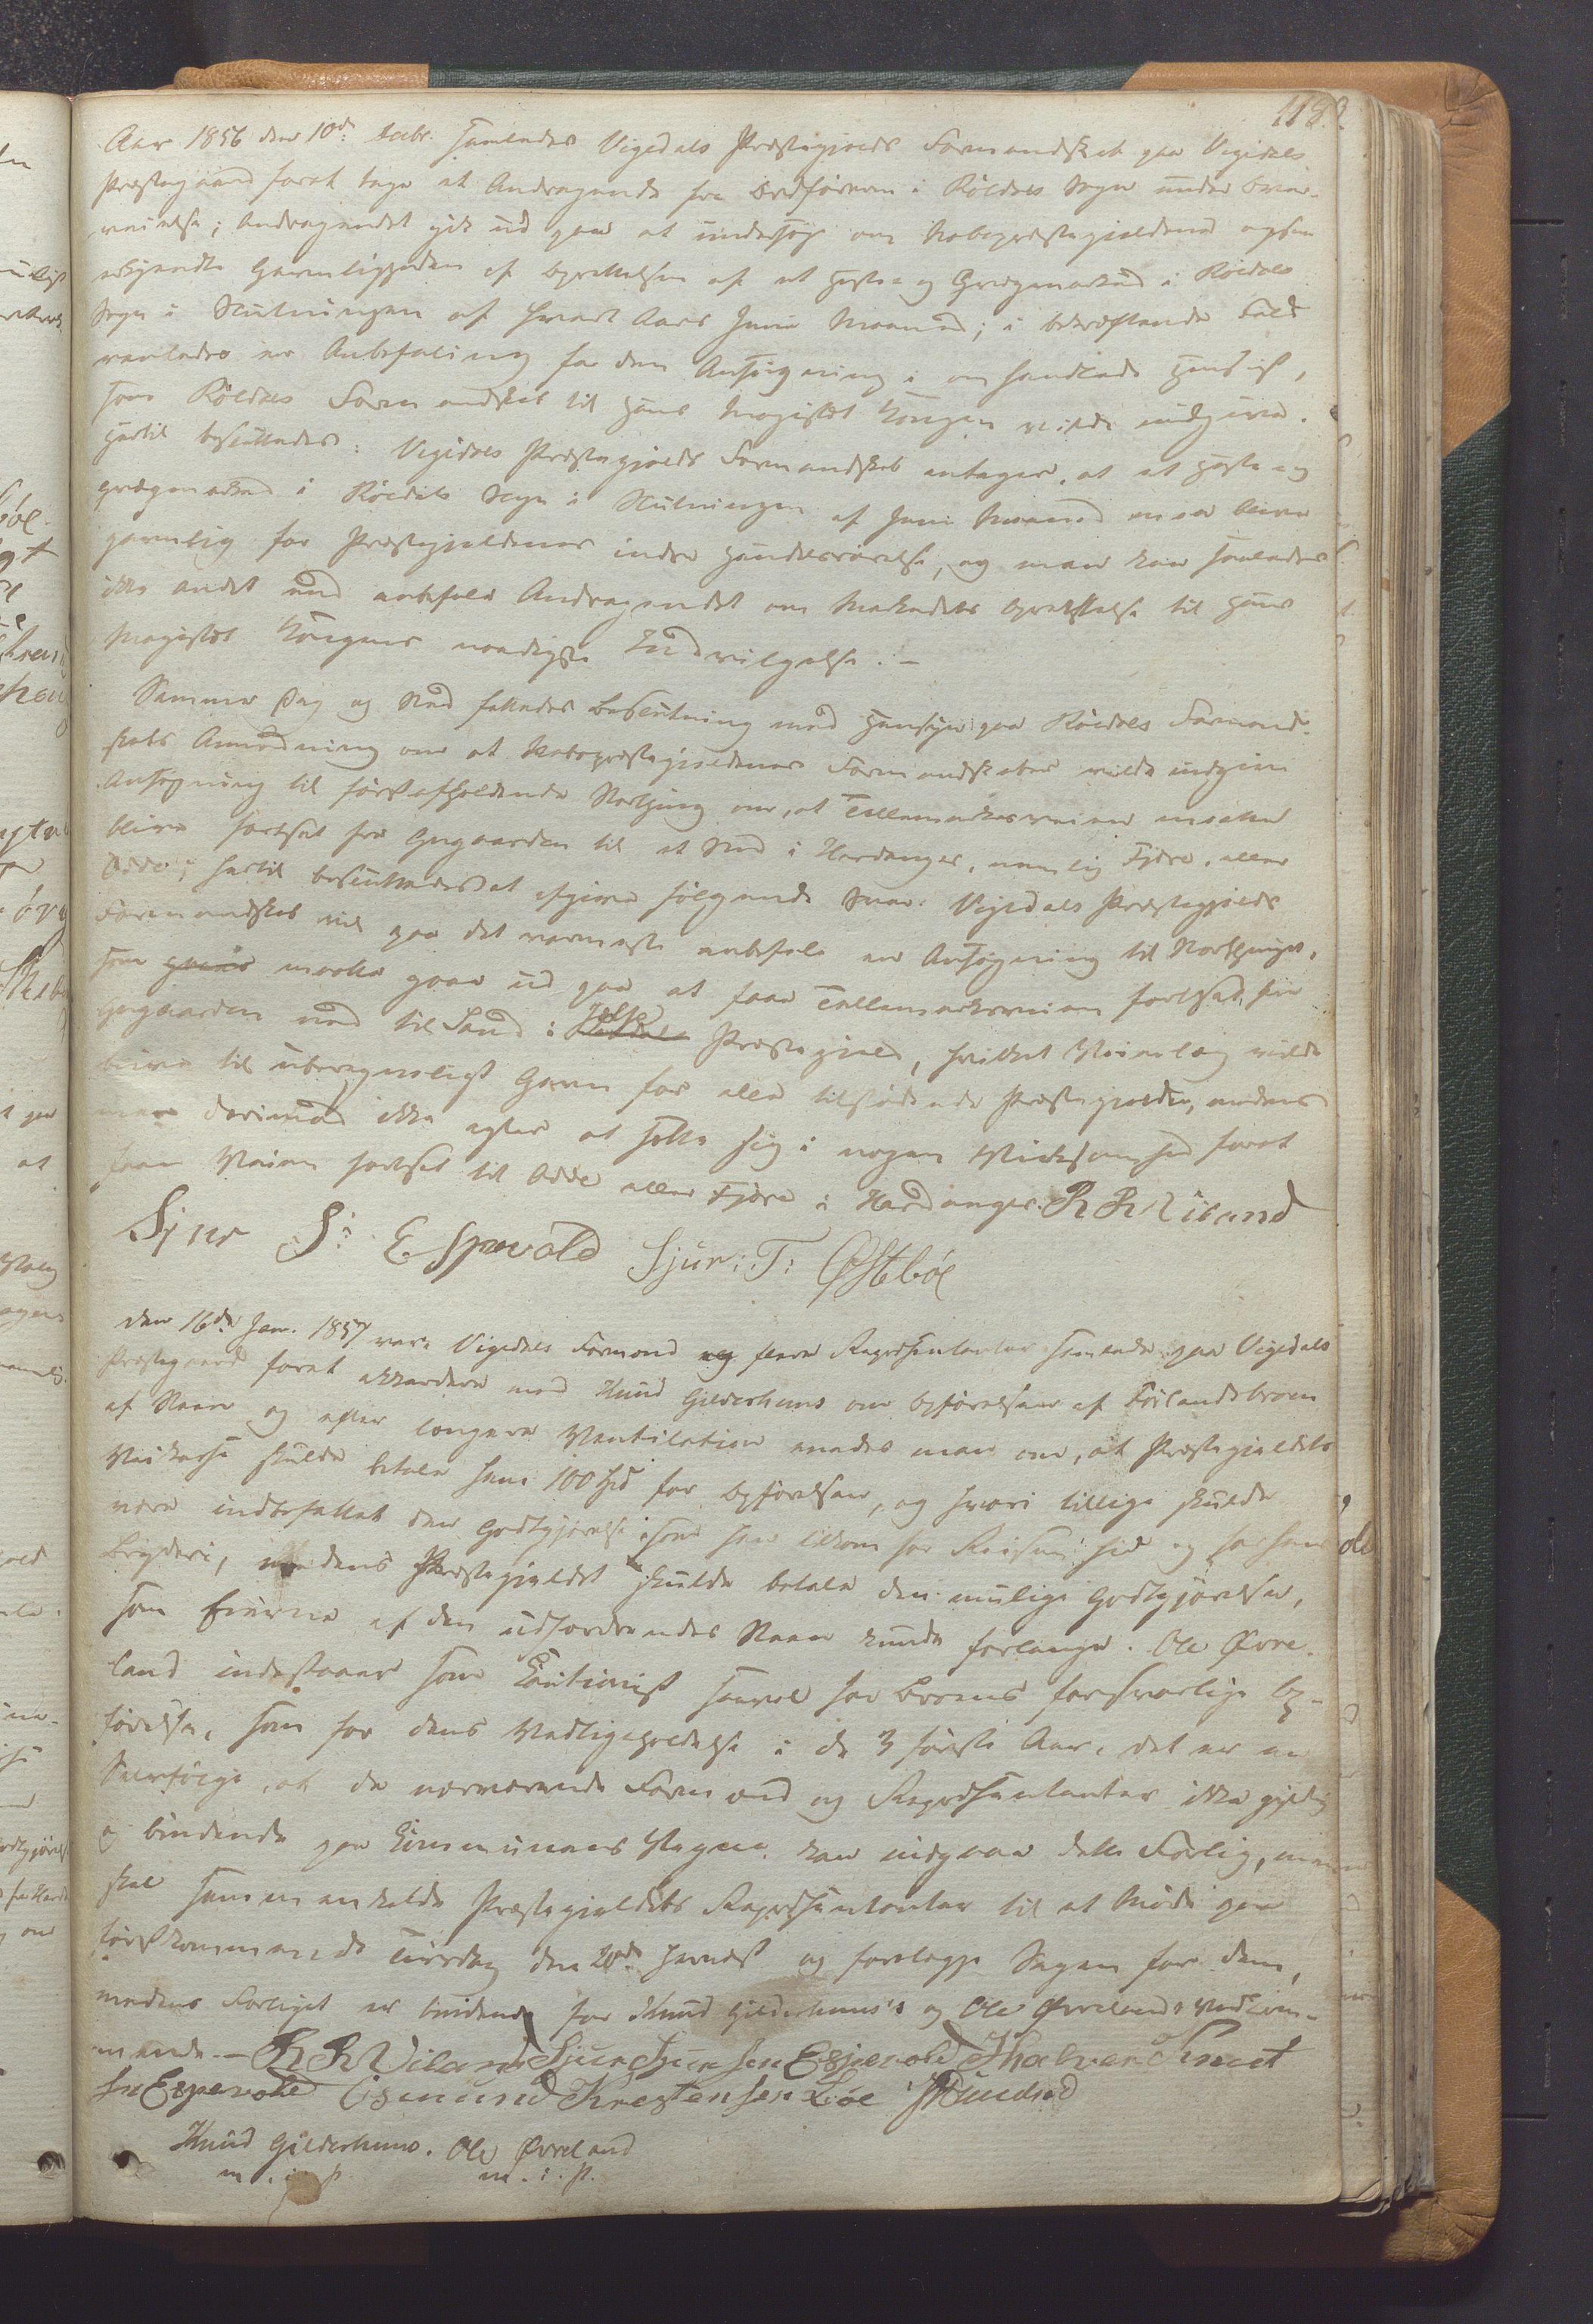 IKAR, Vikedal kommune - Formannskapet, Aaa/L0001: Møtebok, 1837-1874, s. 118a